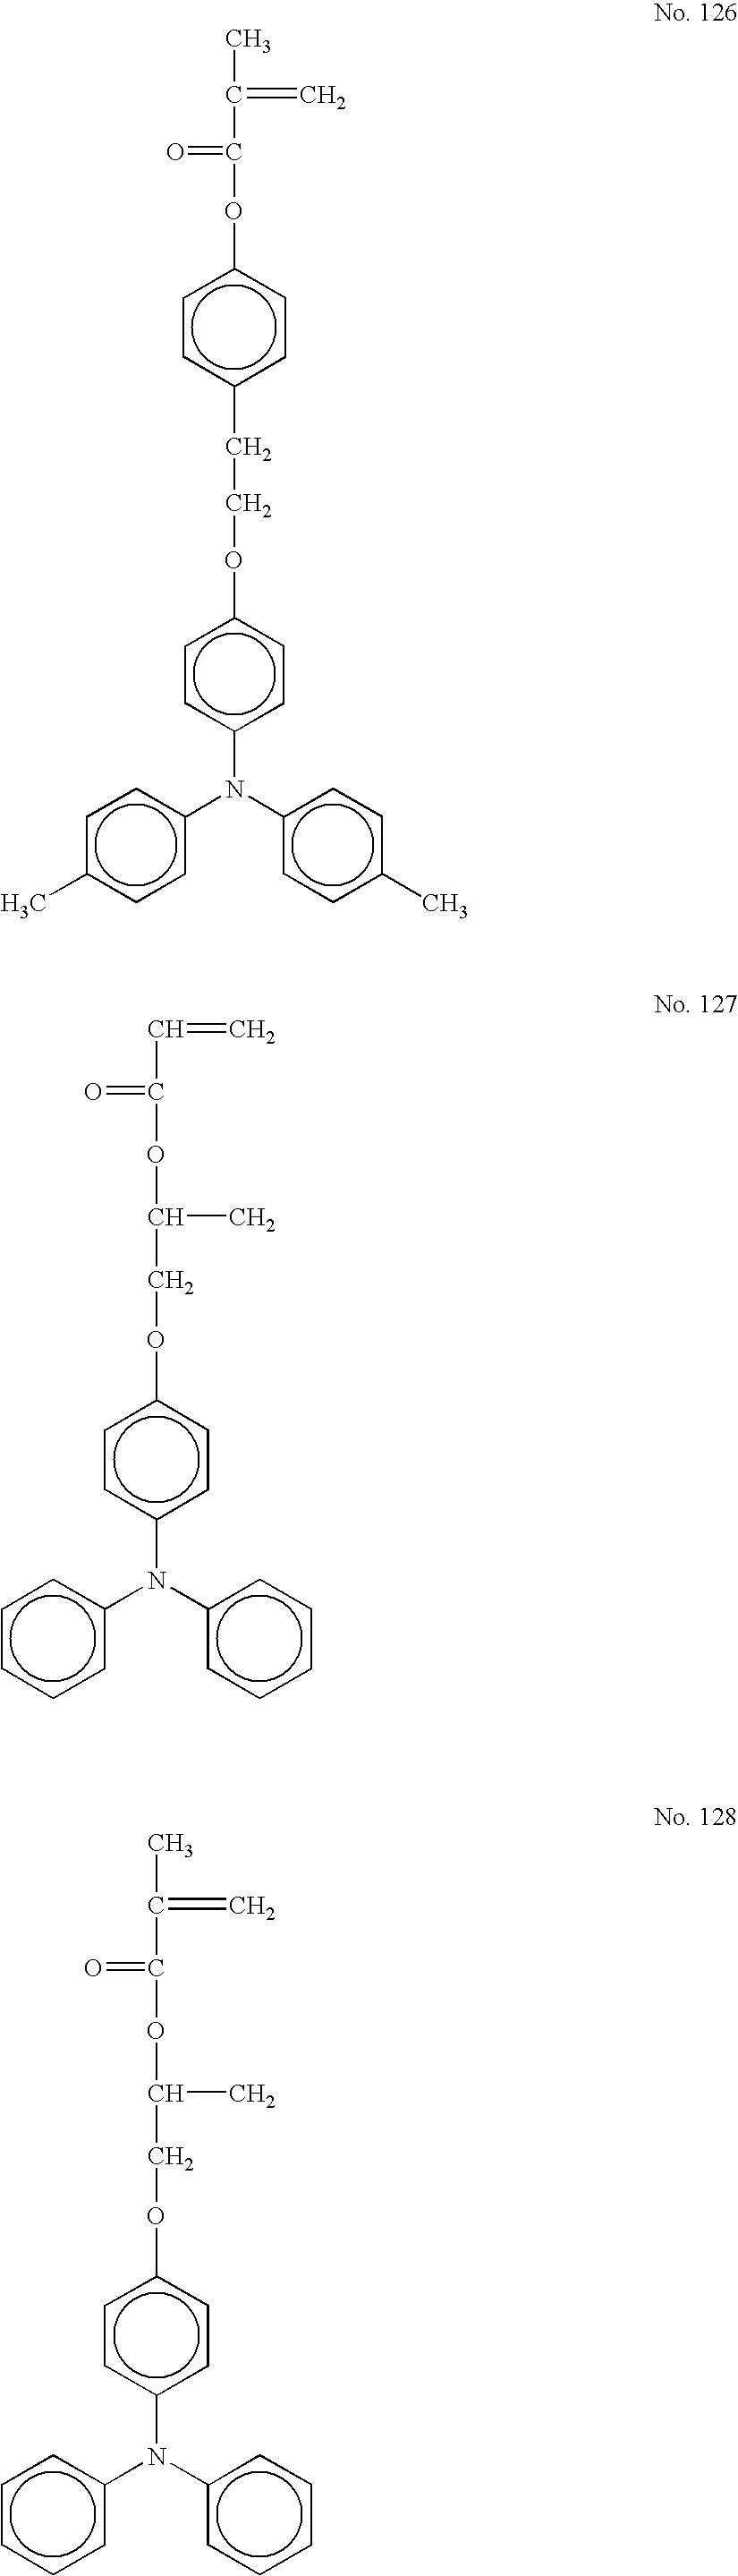 Figure US20050158641A1-20050721-C00058